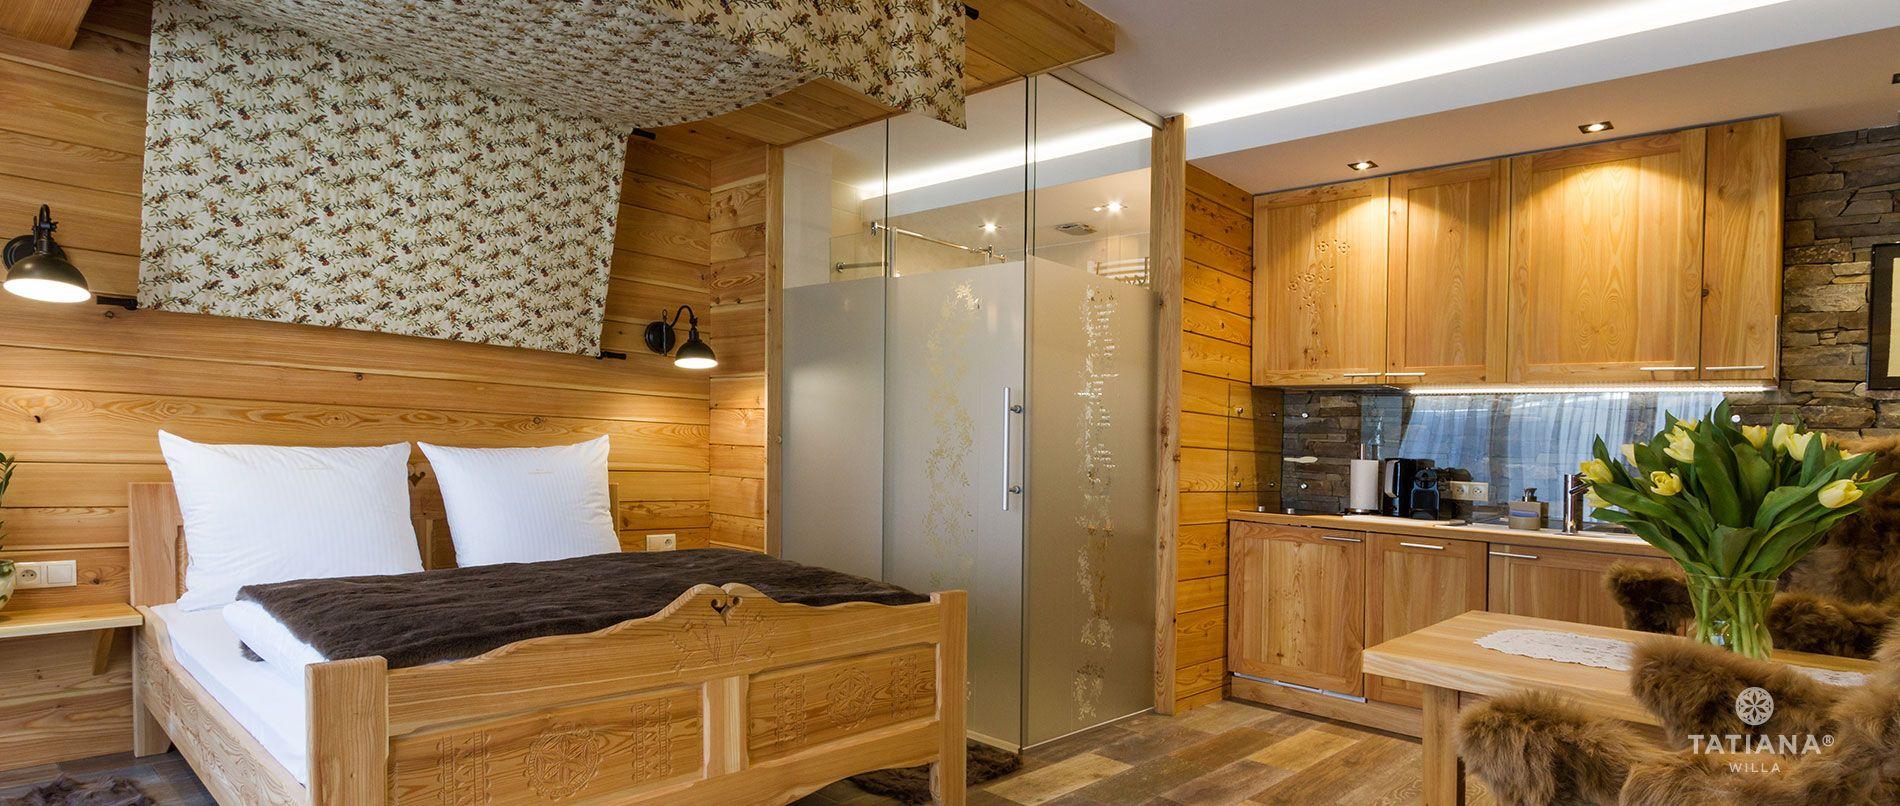 Apartament Modrzewiowy- aneks kuchenny, salon